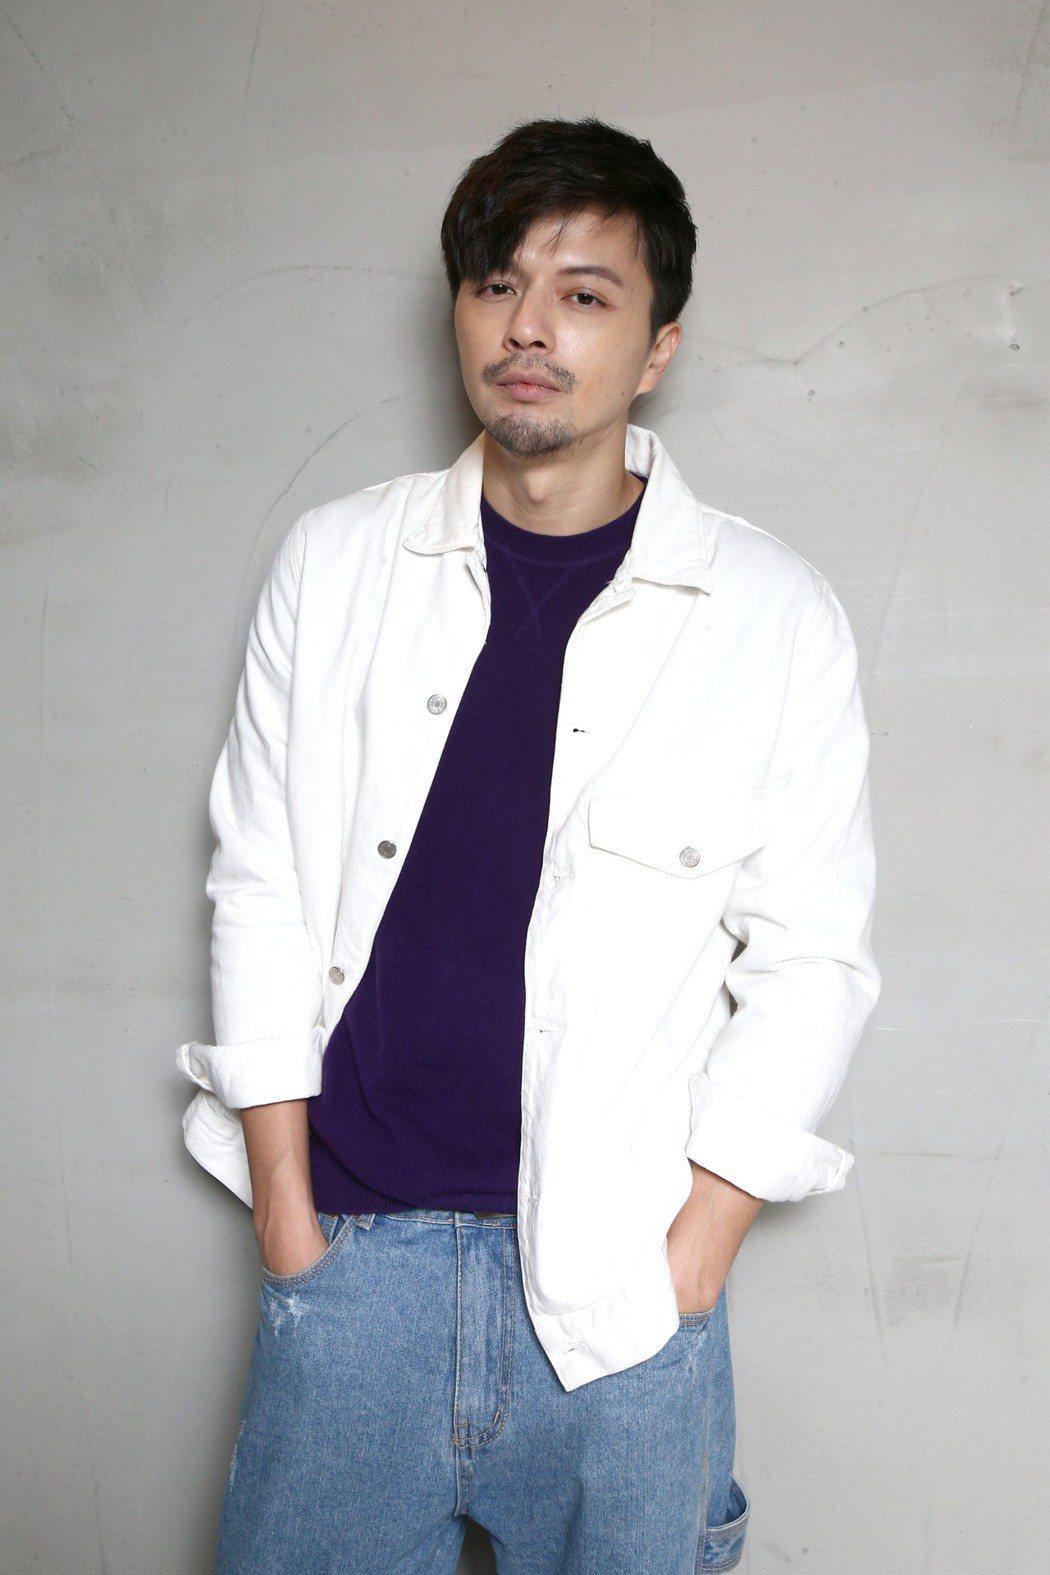 「是非」的演員江常輝專訪。記者蘇健忠/攝影